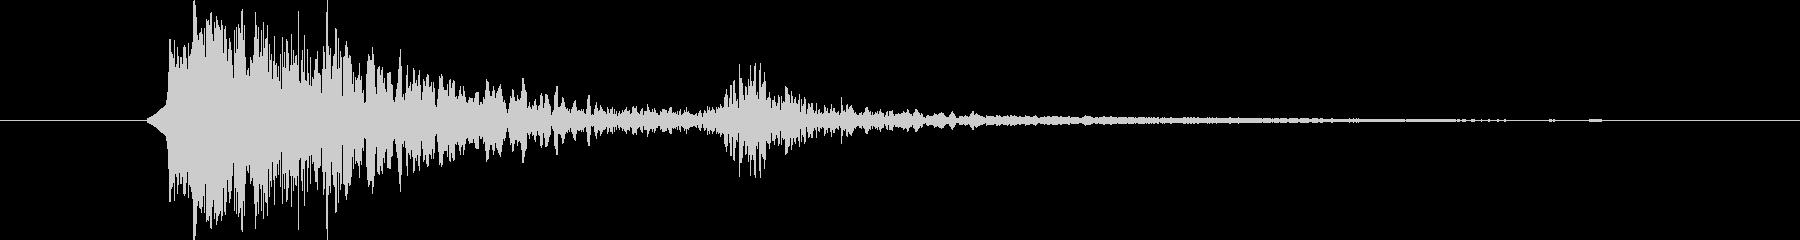 リボルバー クローズショット06の未再生の波形